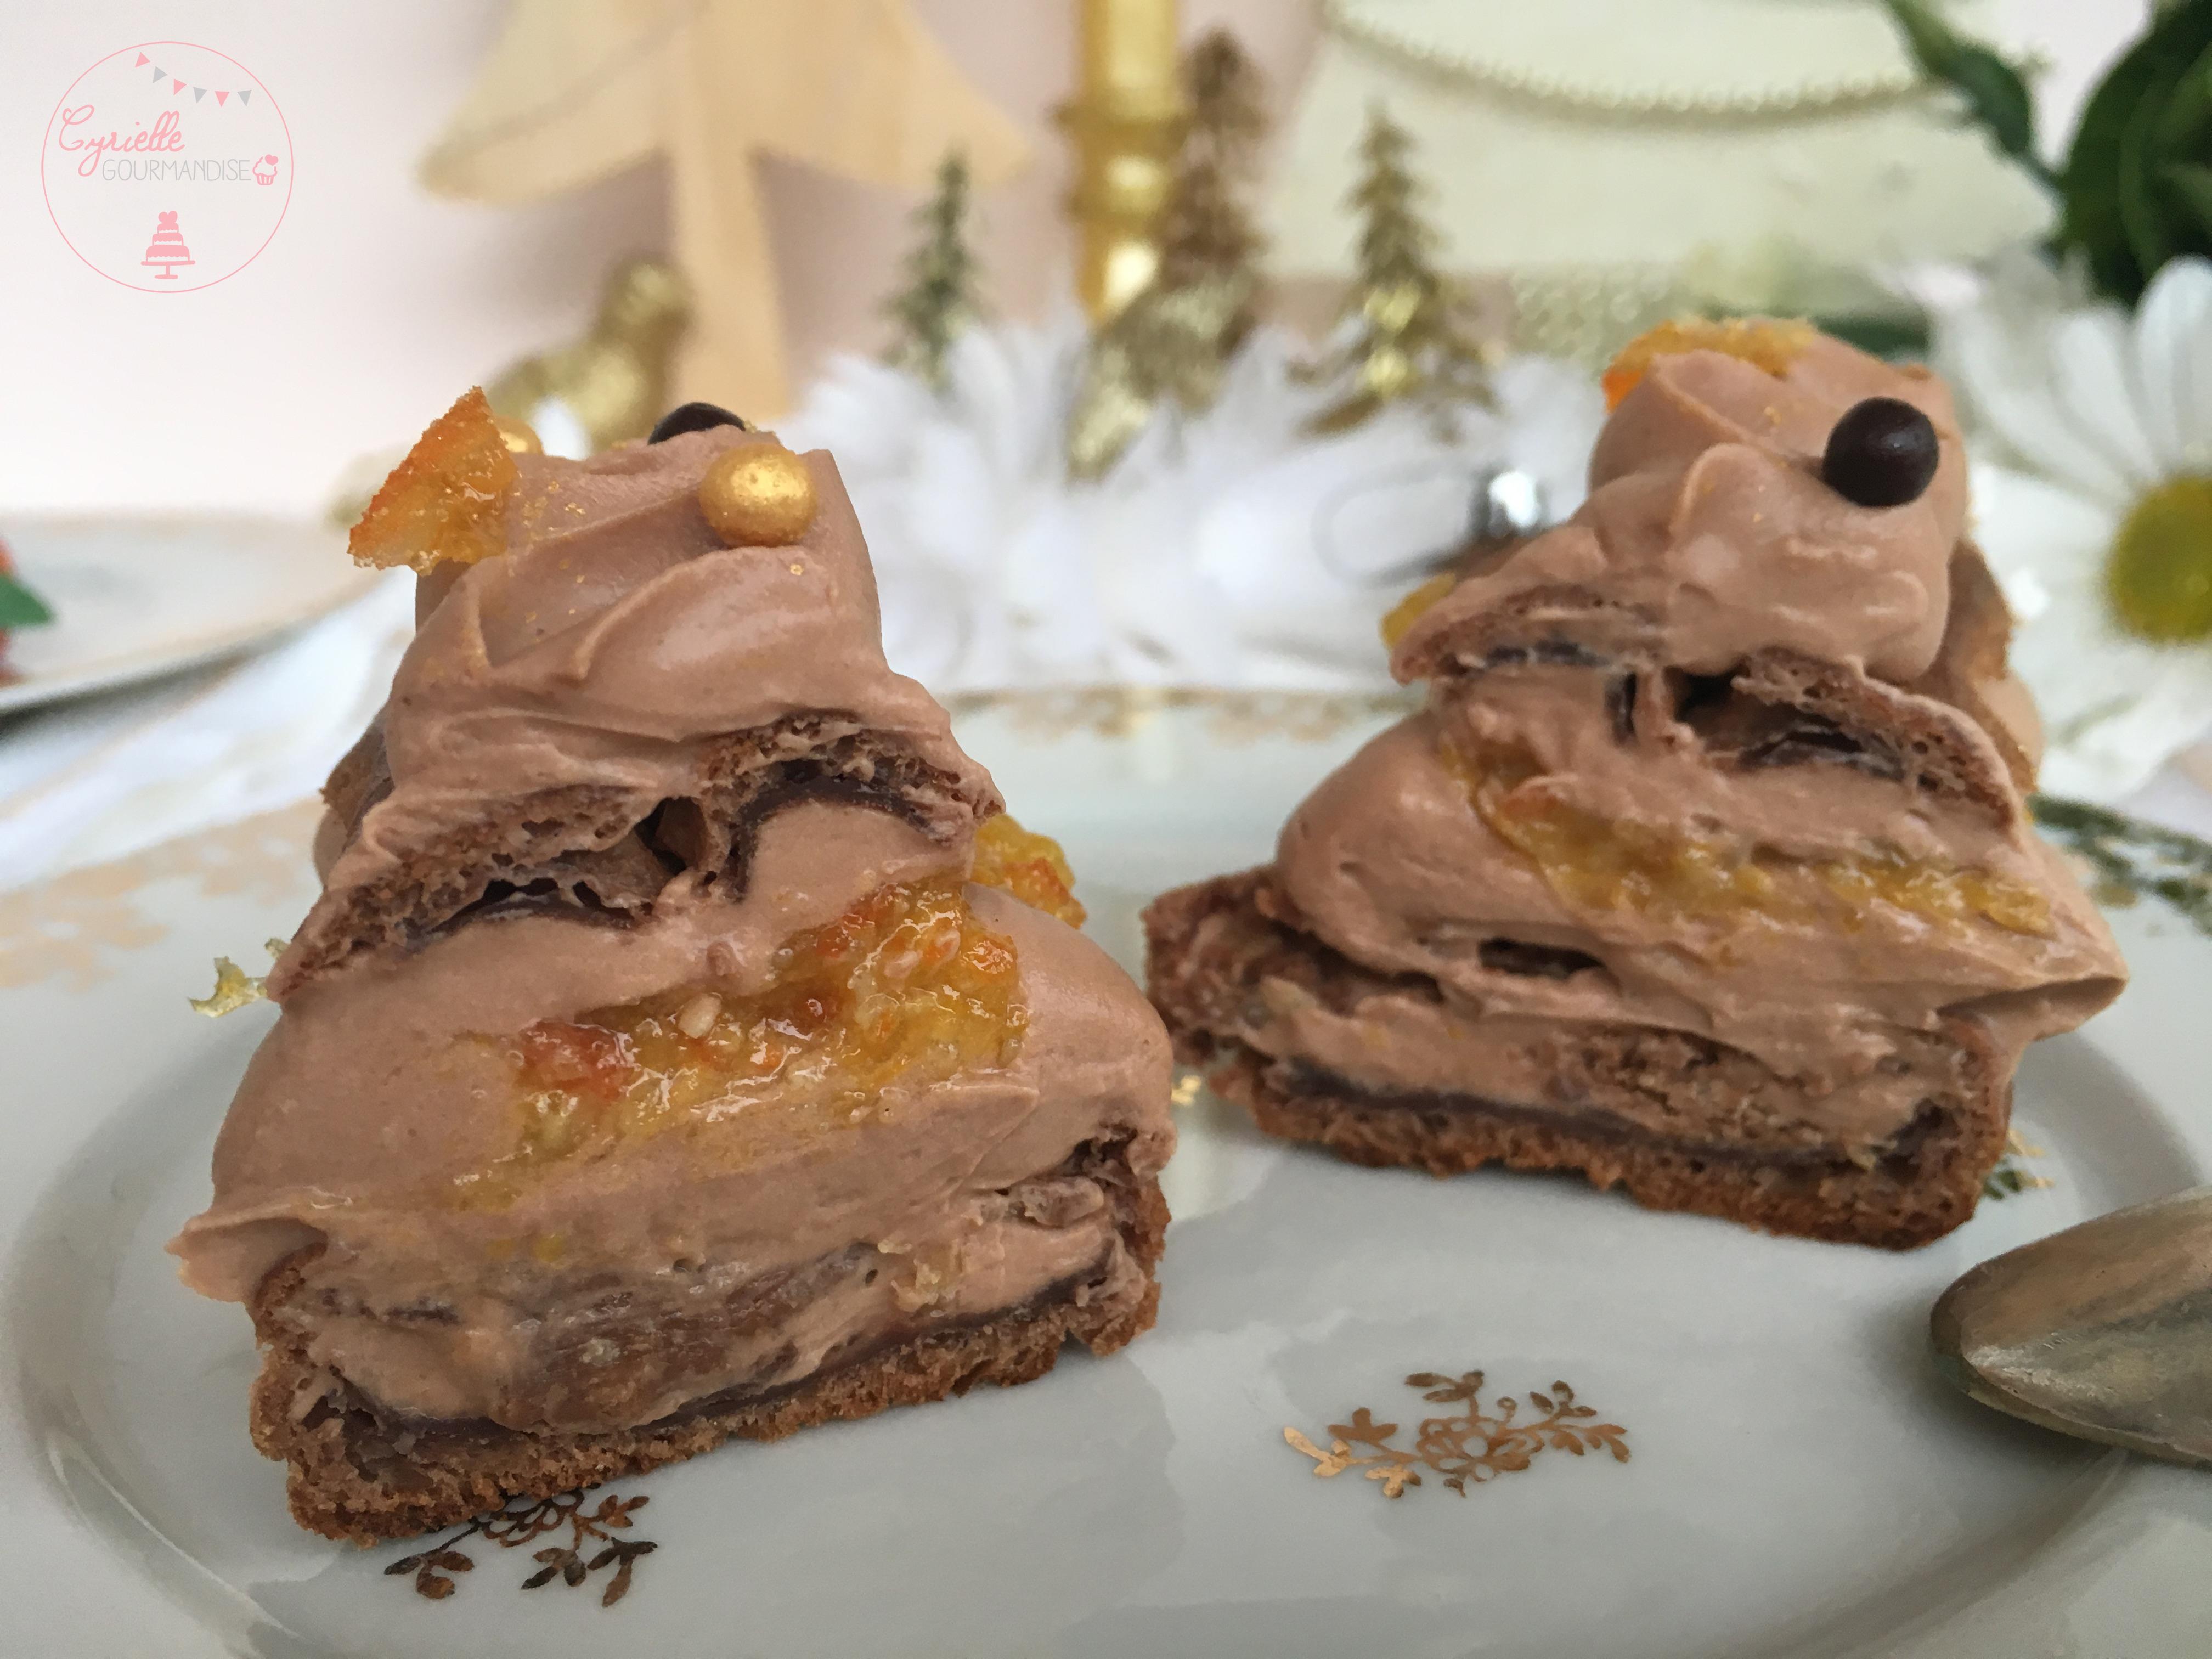 eclair-de-noel-chocolat-clementine-interieur